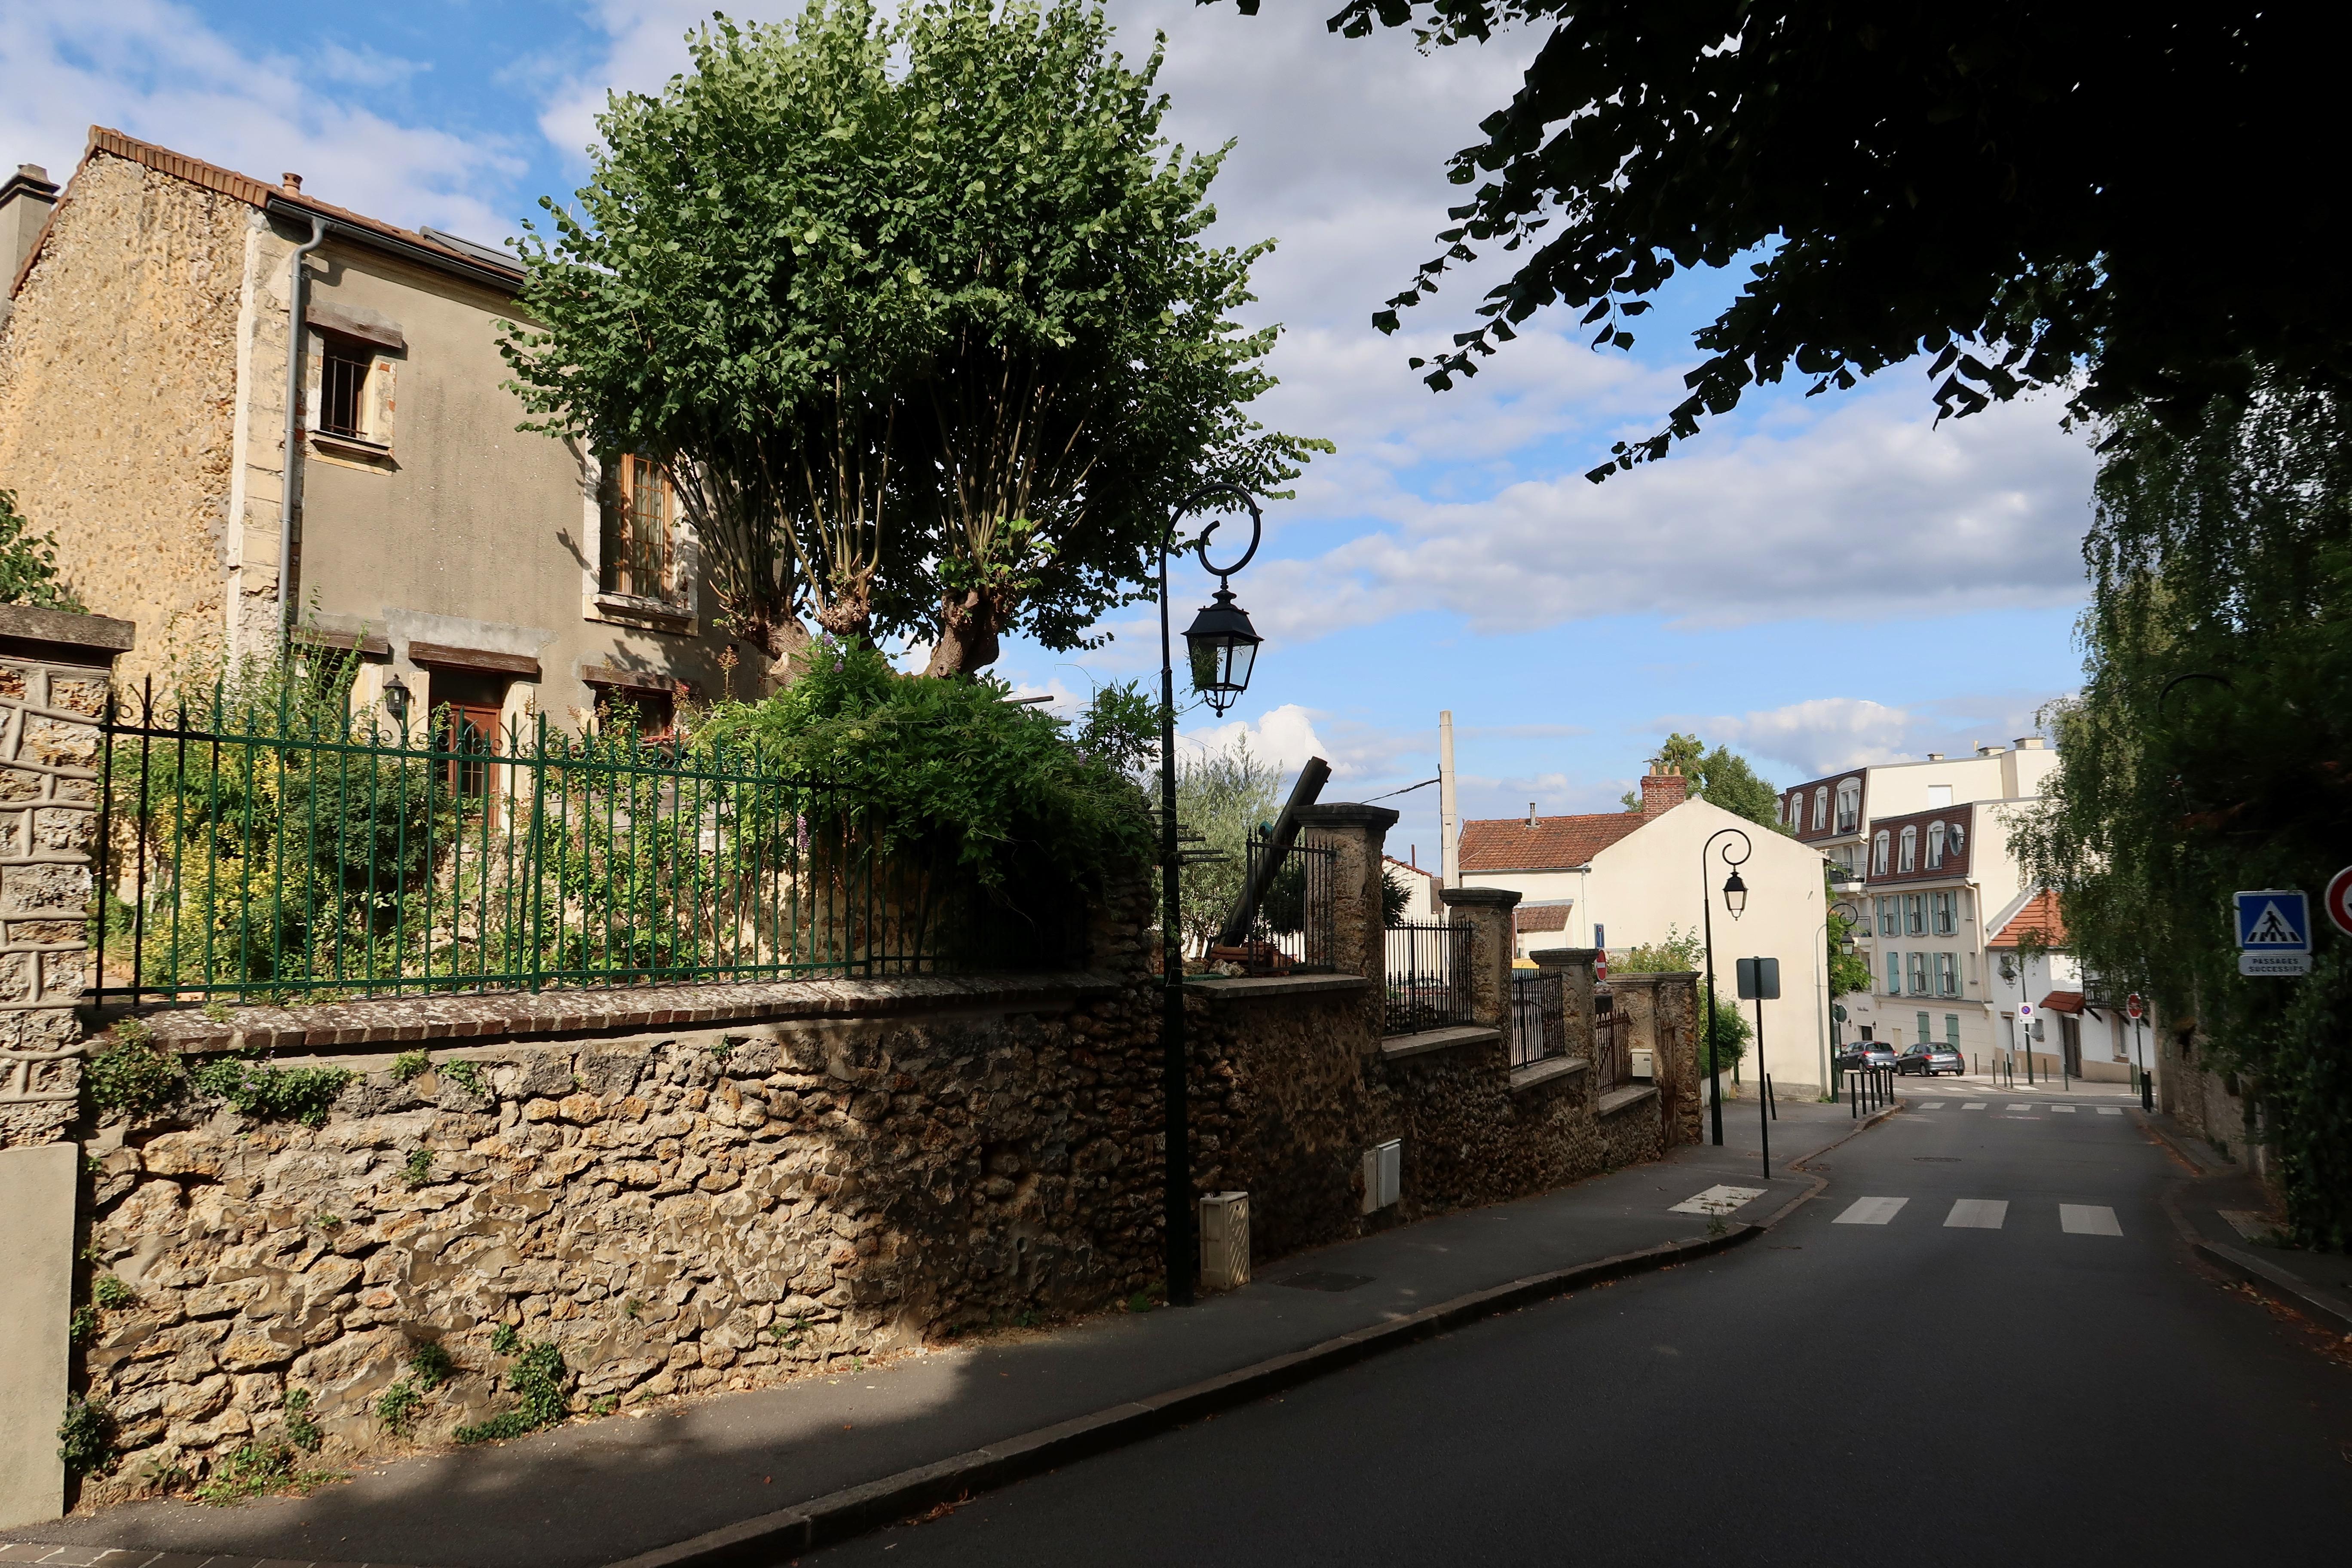 Maison Les Clayes Sous Bois file:rue henri-prou, les clayes-sous-bois 6 - wikimedia